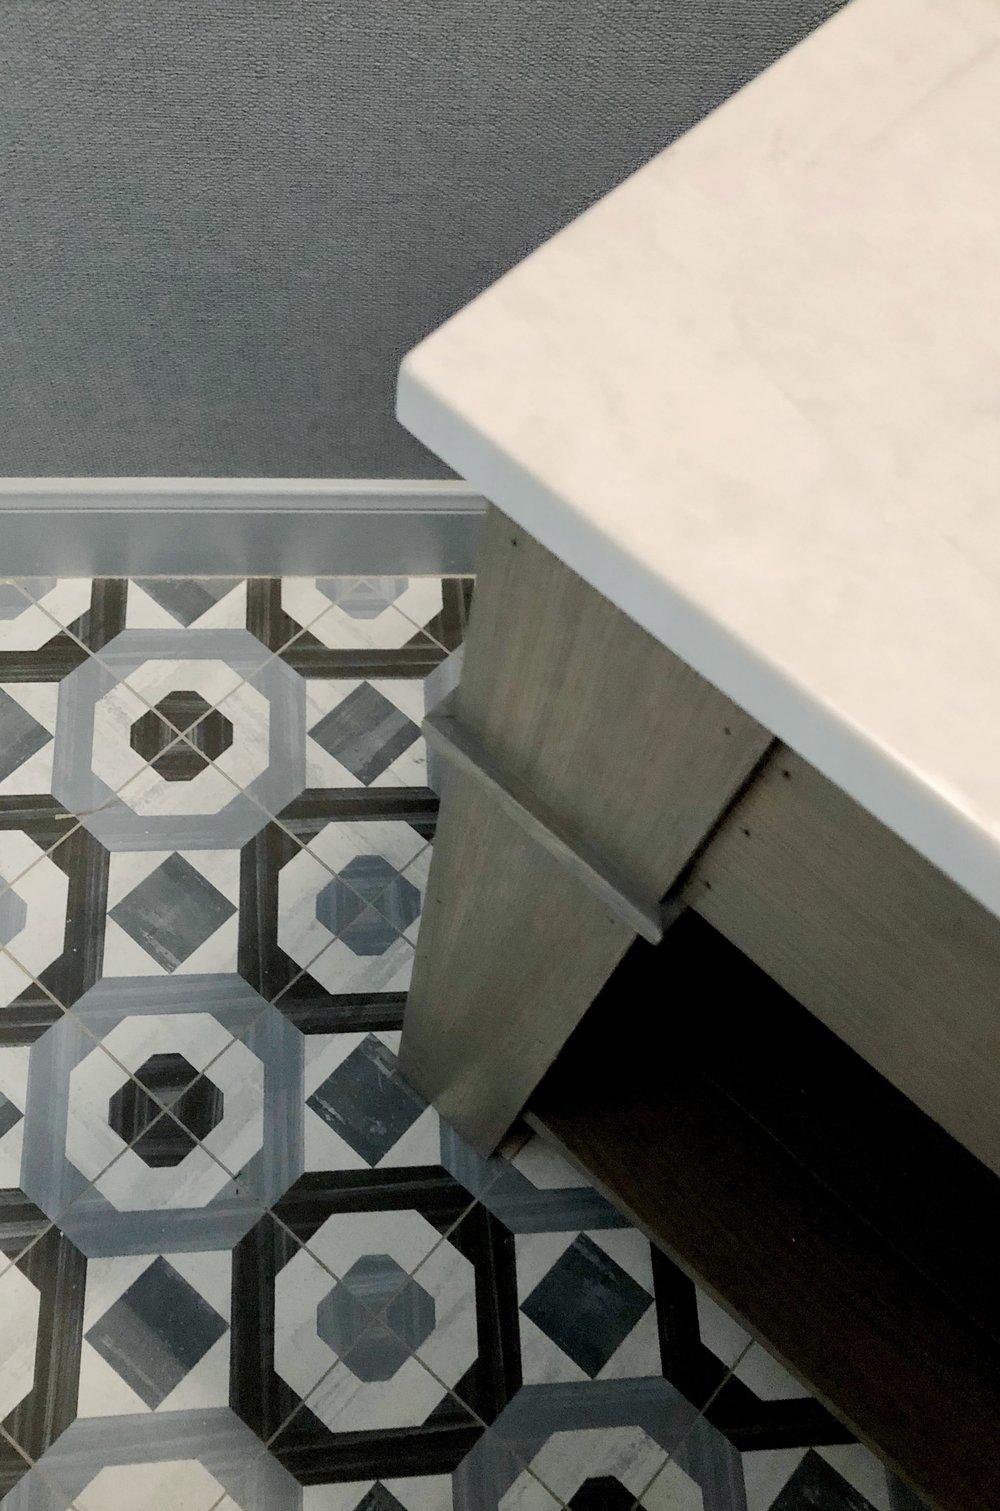 PROJECT SNEAK PEEKS | Patterned cement look tile floor in powder room with custom vanity | Carla Aston, Designer